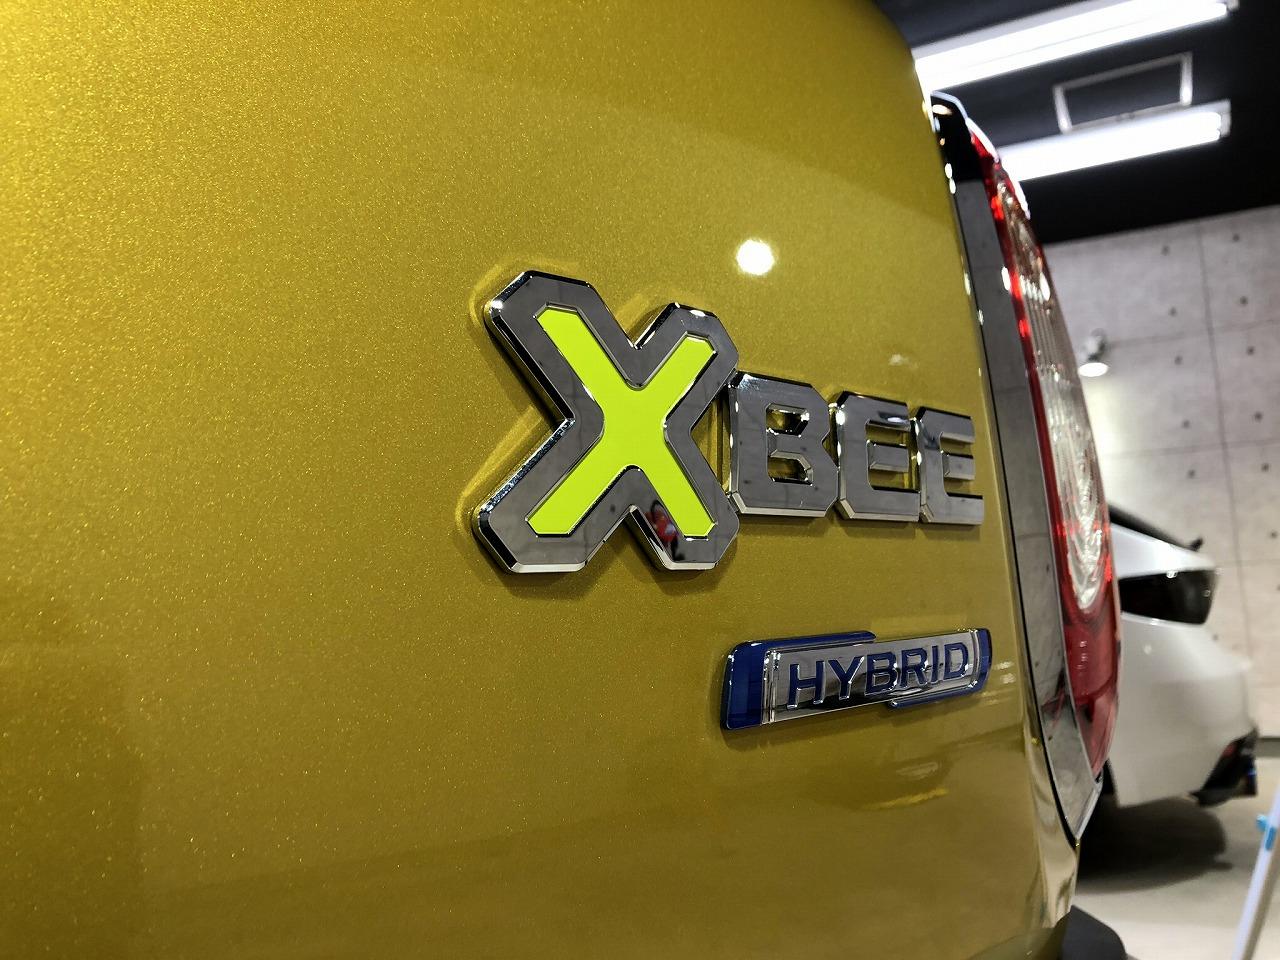 XBEE_yellow_005